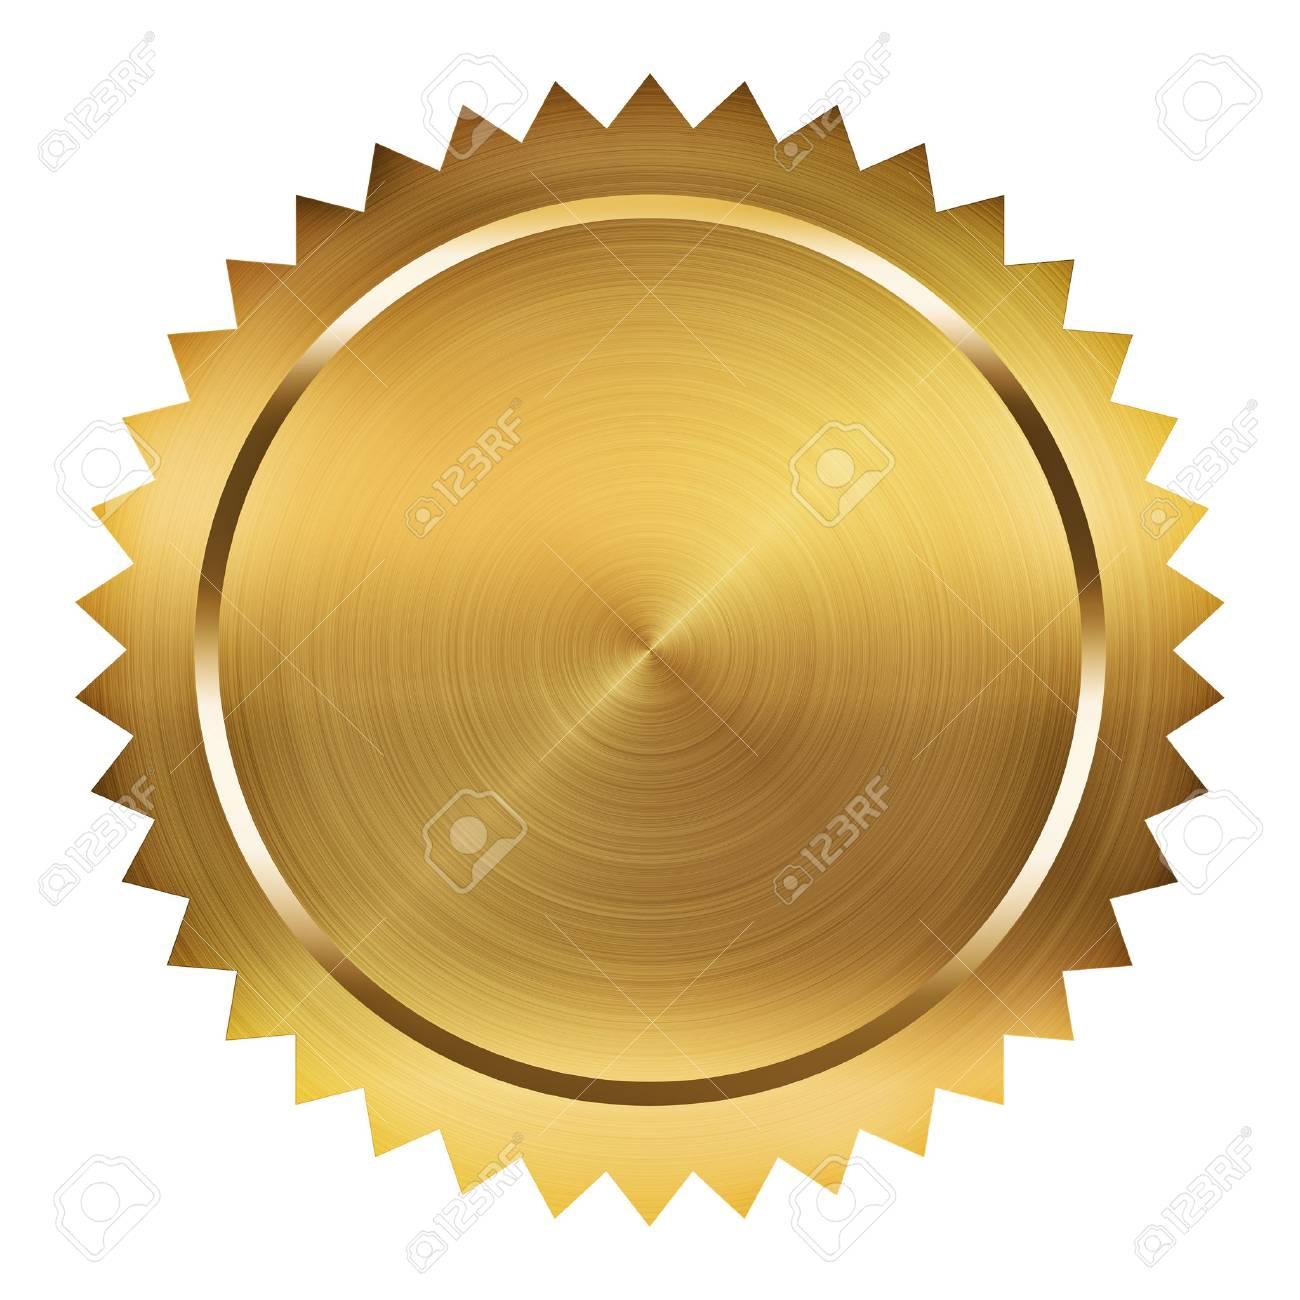 Golden Seal - 37576647